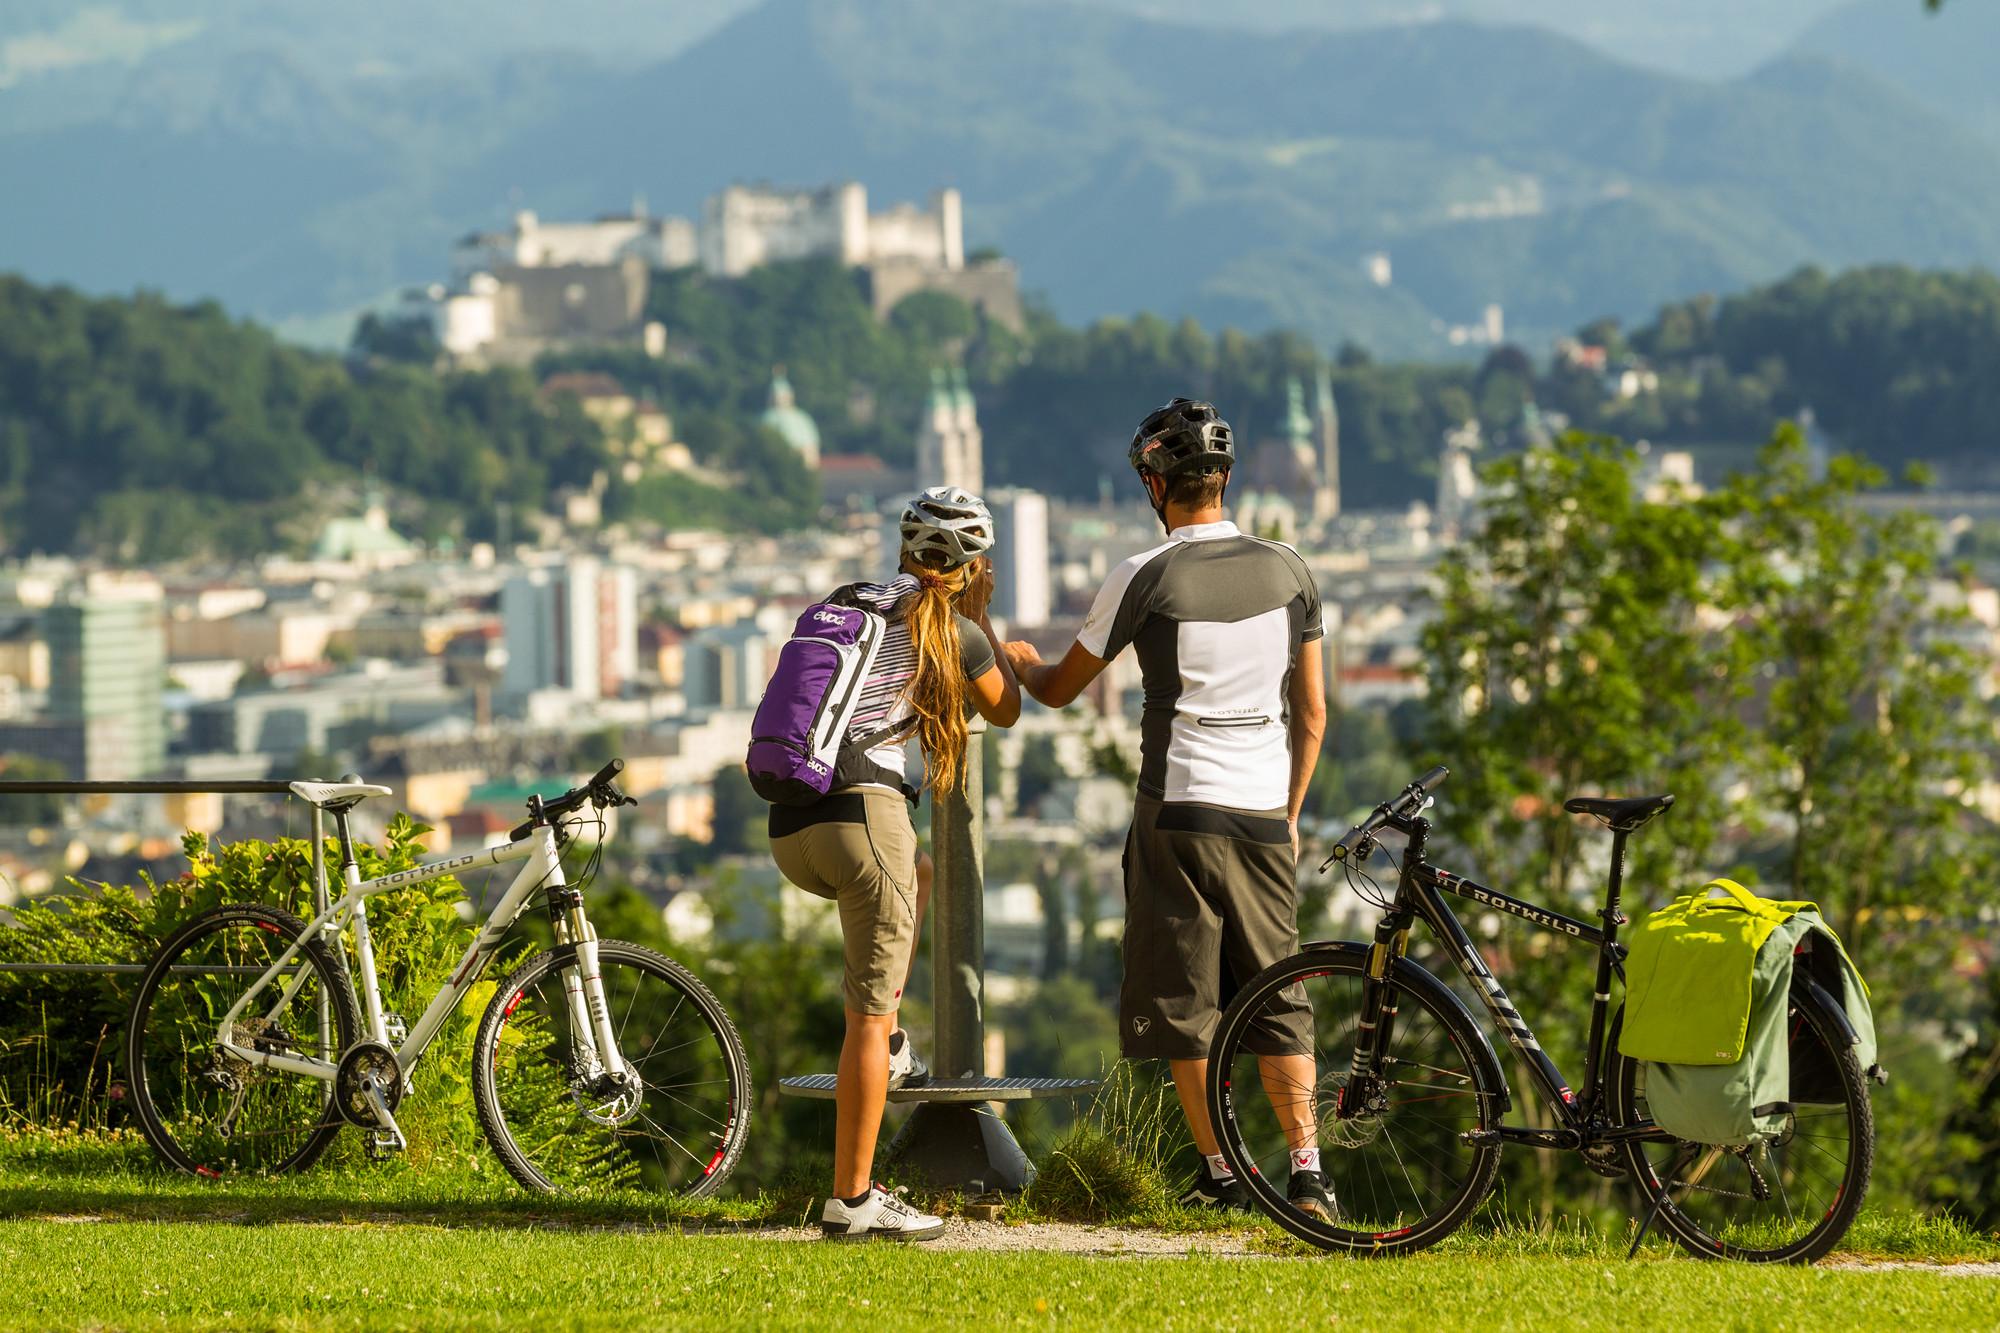 Ein Pärchen steht neben den Fahrrädern und genießt den imposanten Blick auf die Stadt Salzburg.